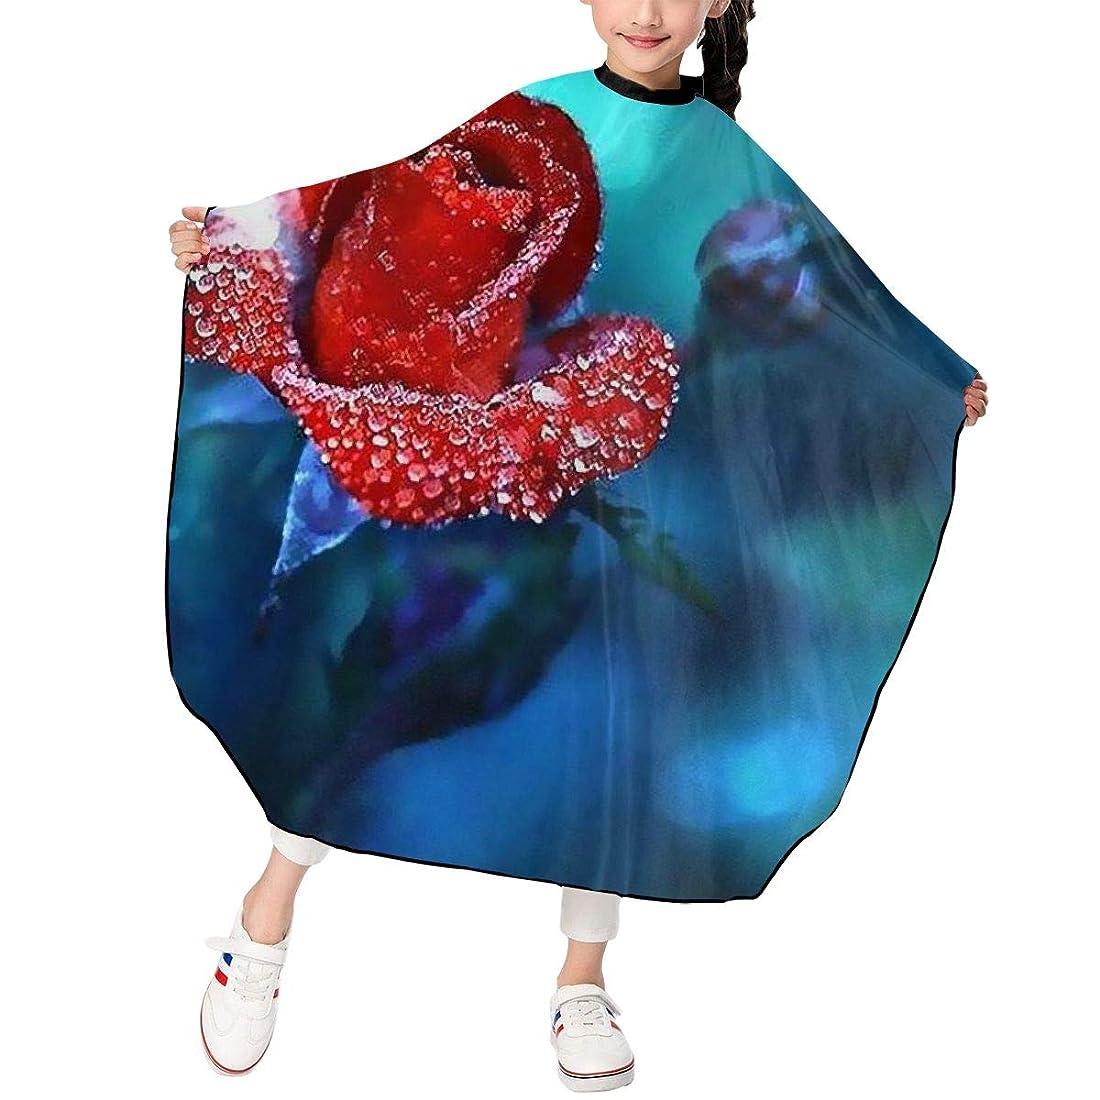 明るくする銀河ロシア夜の咲きバラ 真っ赤 水滴 散髪ケープ ヘアーエプロン 子供 ヘアカット 自宅 美容院 理髪 便利 散髪 撥水 静電気防止 柔らかい 滑らか 高級感 ファッション 男女兼用 ギフト